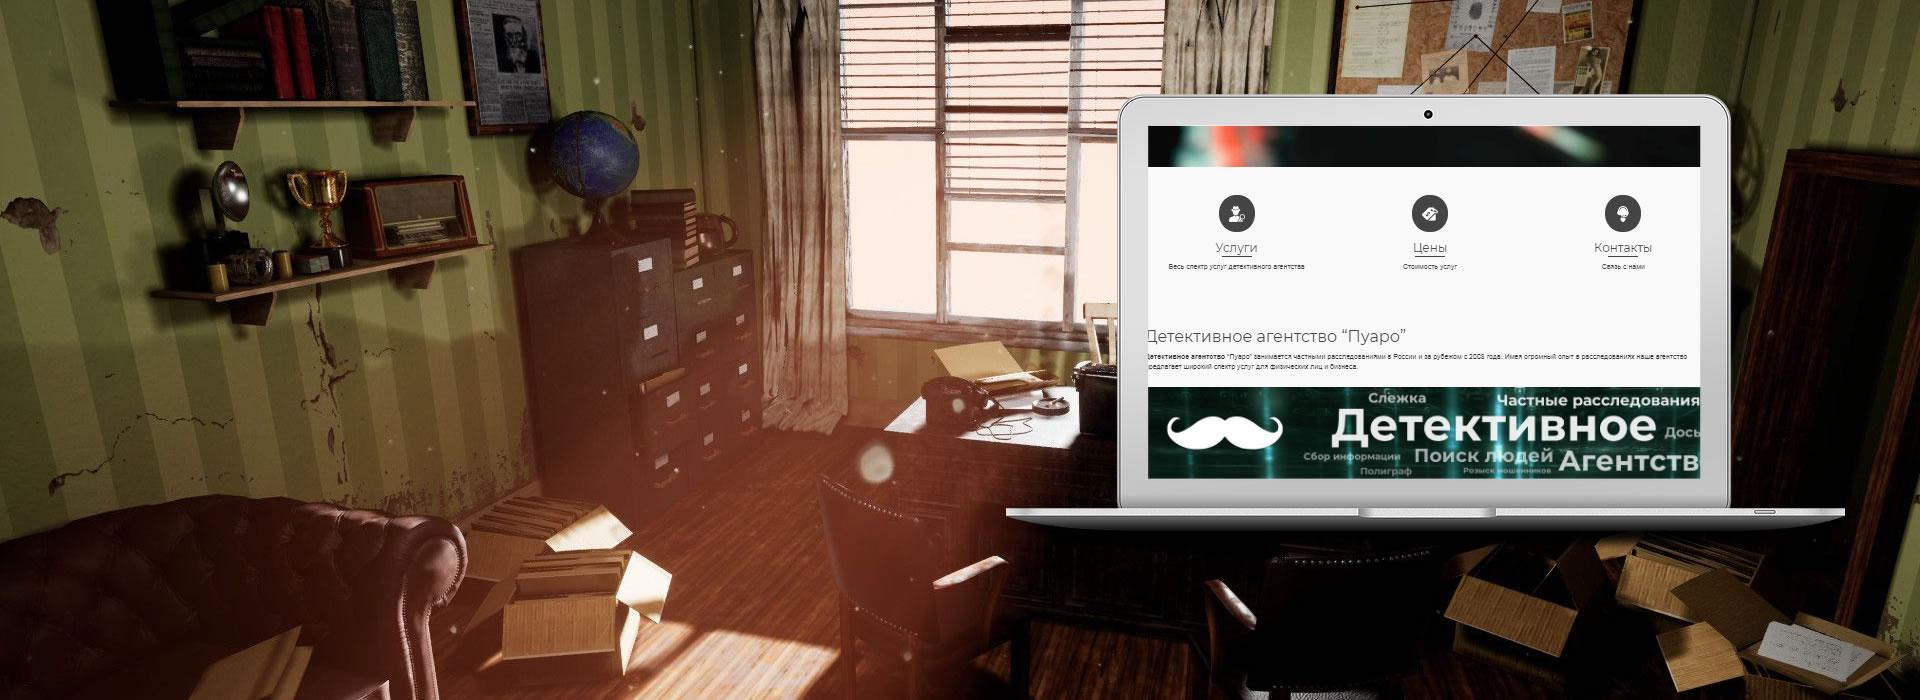 Сайт частного детективного агентства